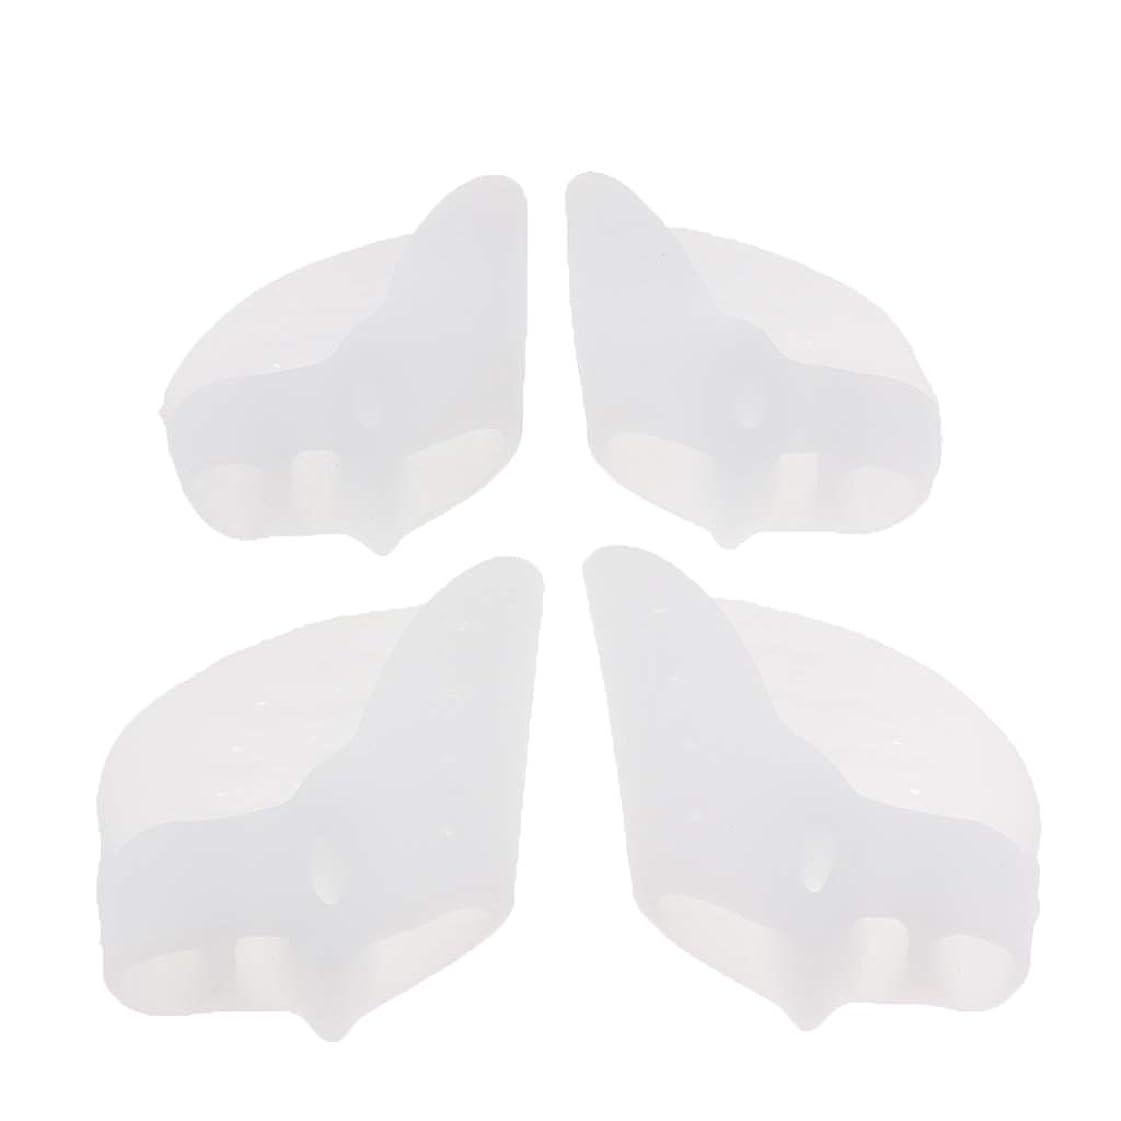 気難しいチョップ閃光Fenteer つま先クッション 保護パッド つま先セパレーター シリコン 外反母趾 矯正 耐久性 2ペア 全2色 - 白, 7×5.5cm